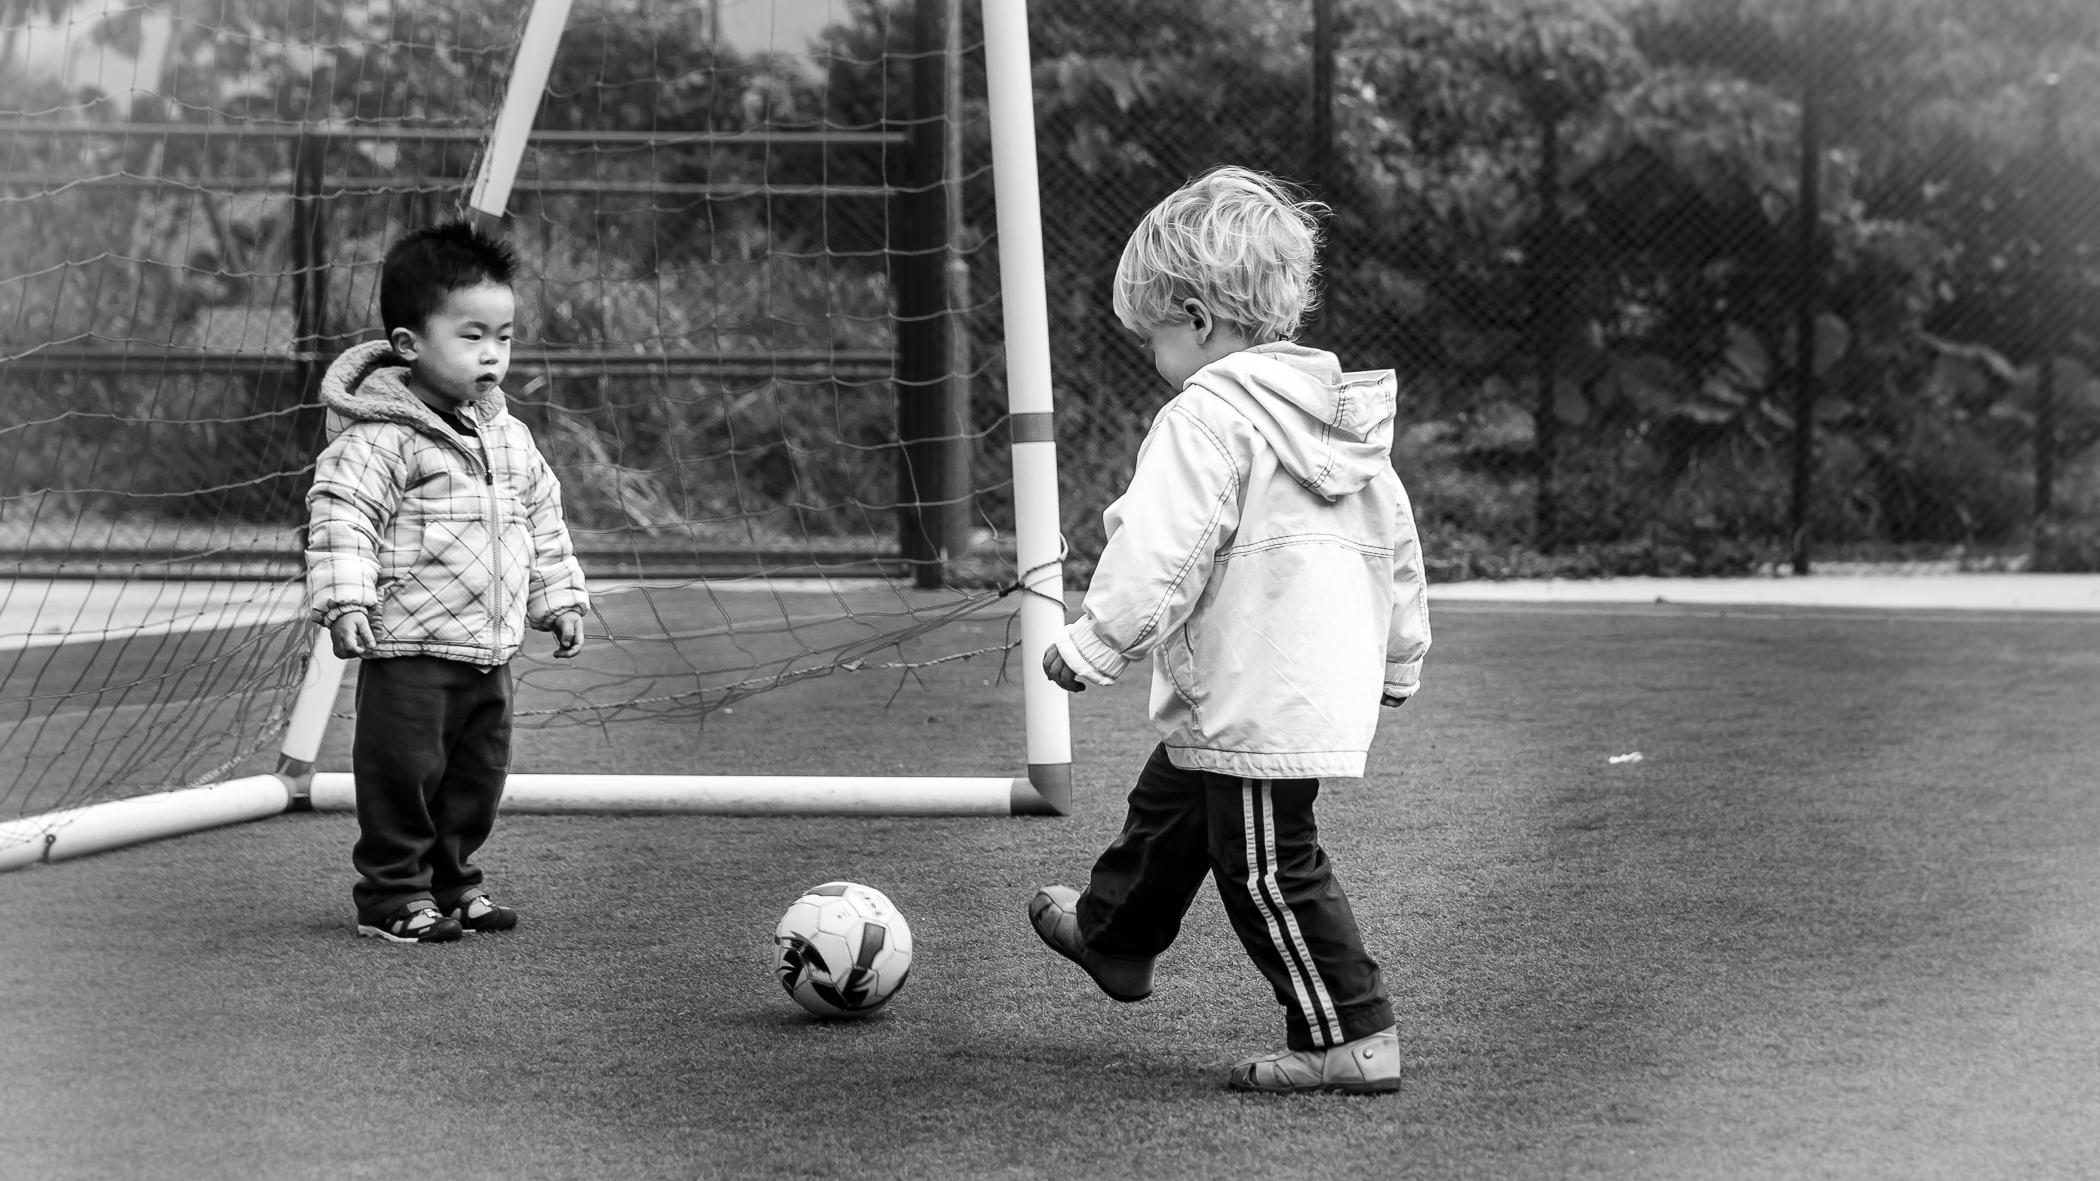 Wallpaper : sport, children, car, sitting, winter, world, standing, soccer, ball, Person, play ...